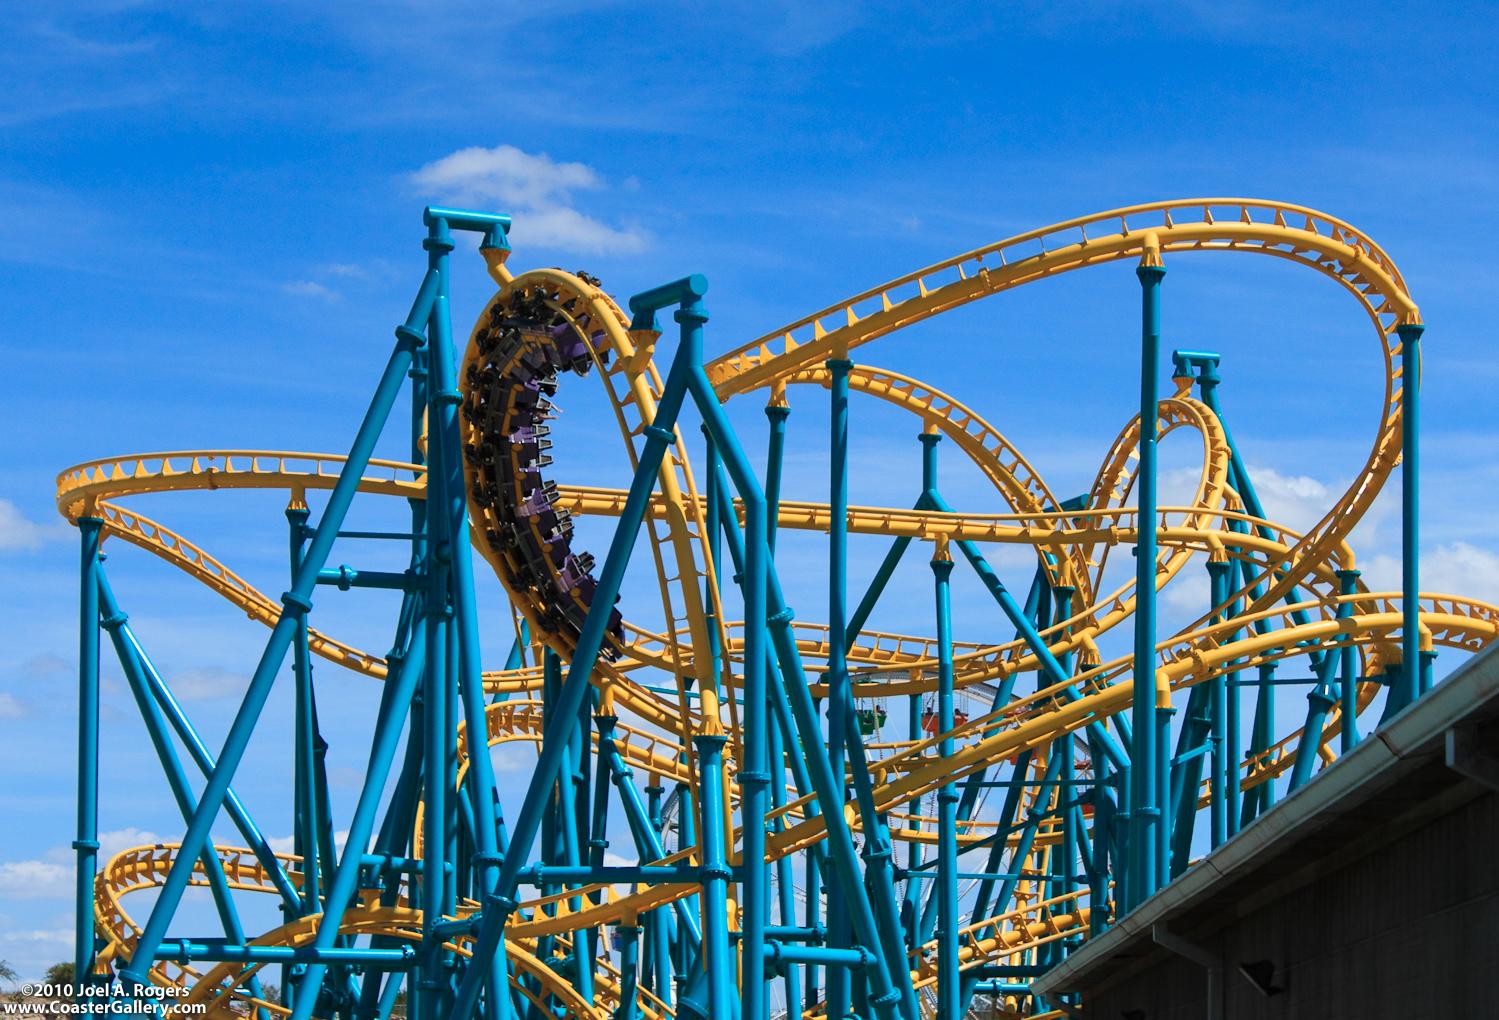 Six Flags Fiesta Texas roller coaster